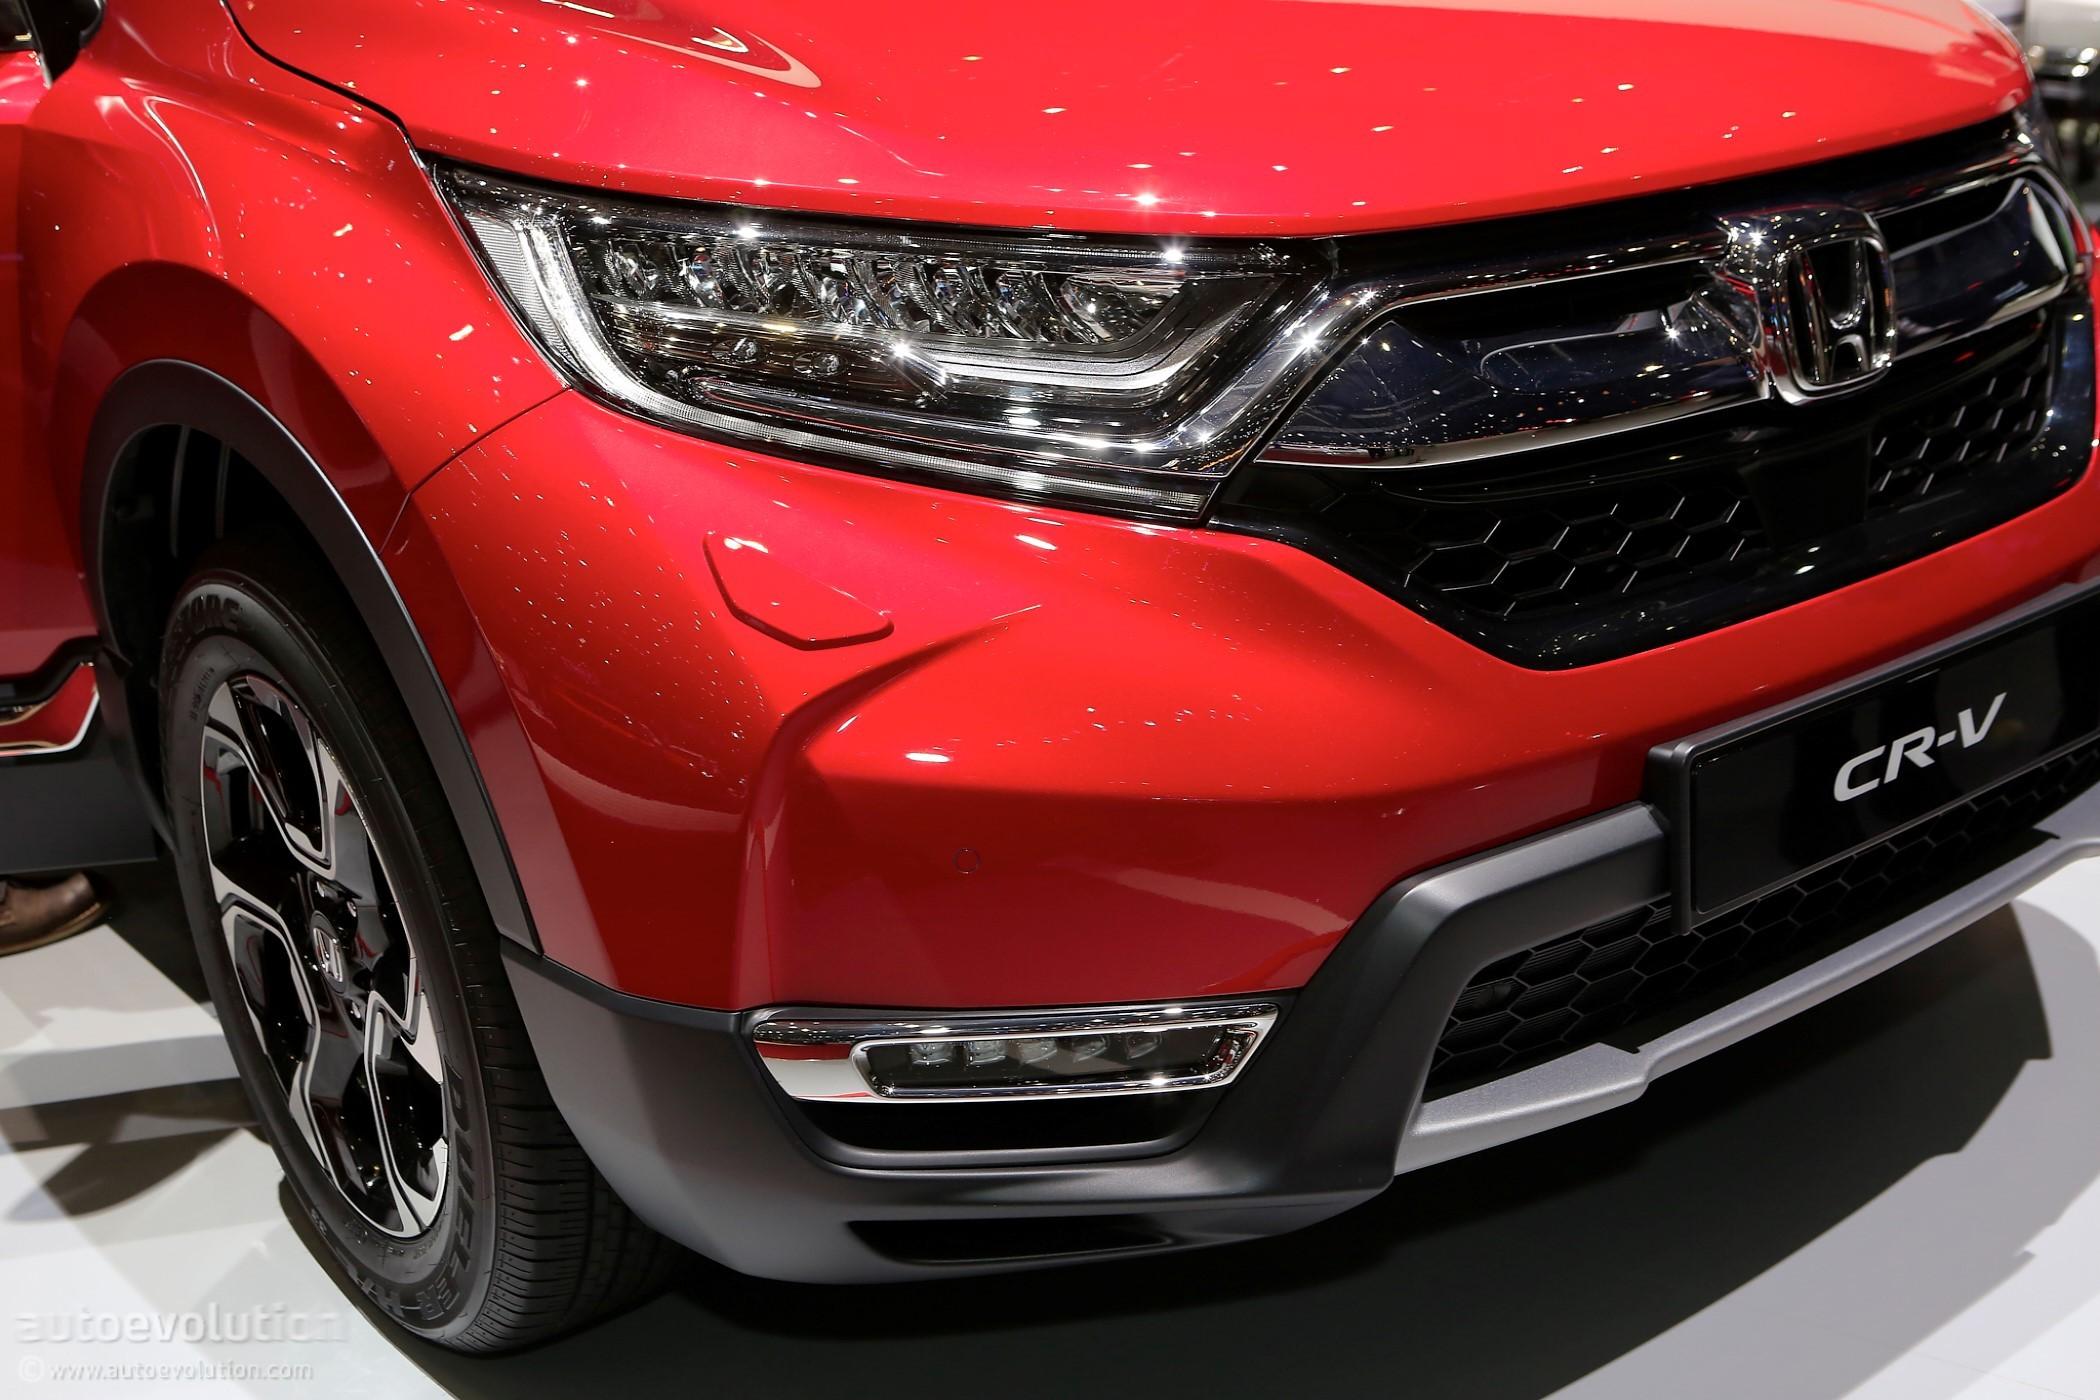 2019 Honda CR-V Priced At $25,345 - autoevolution